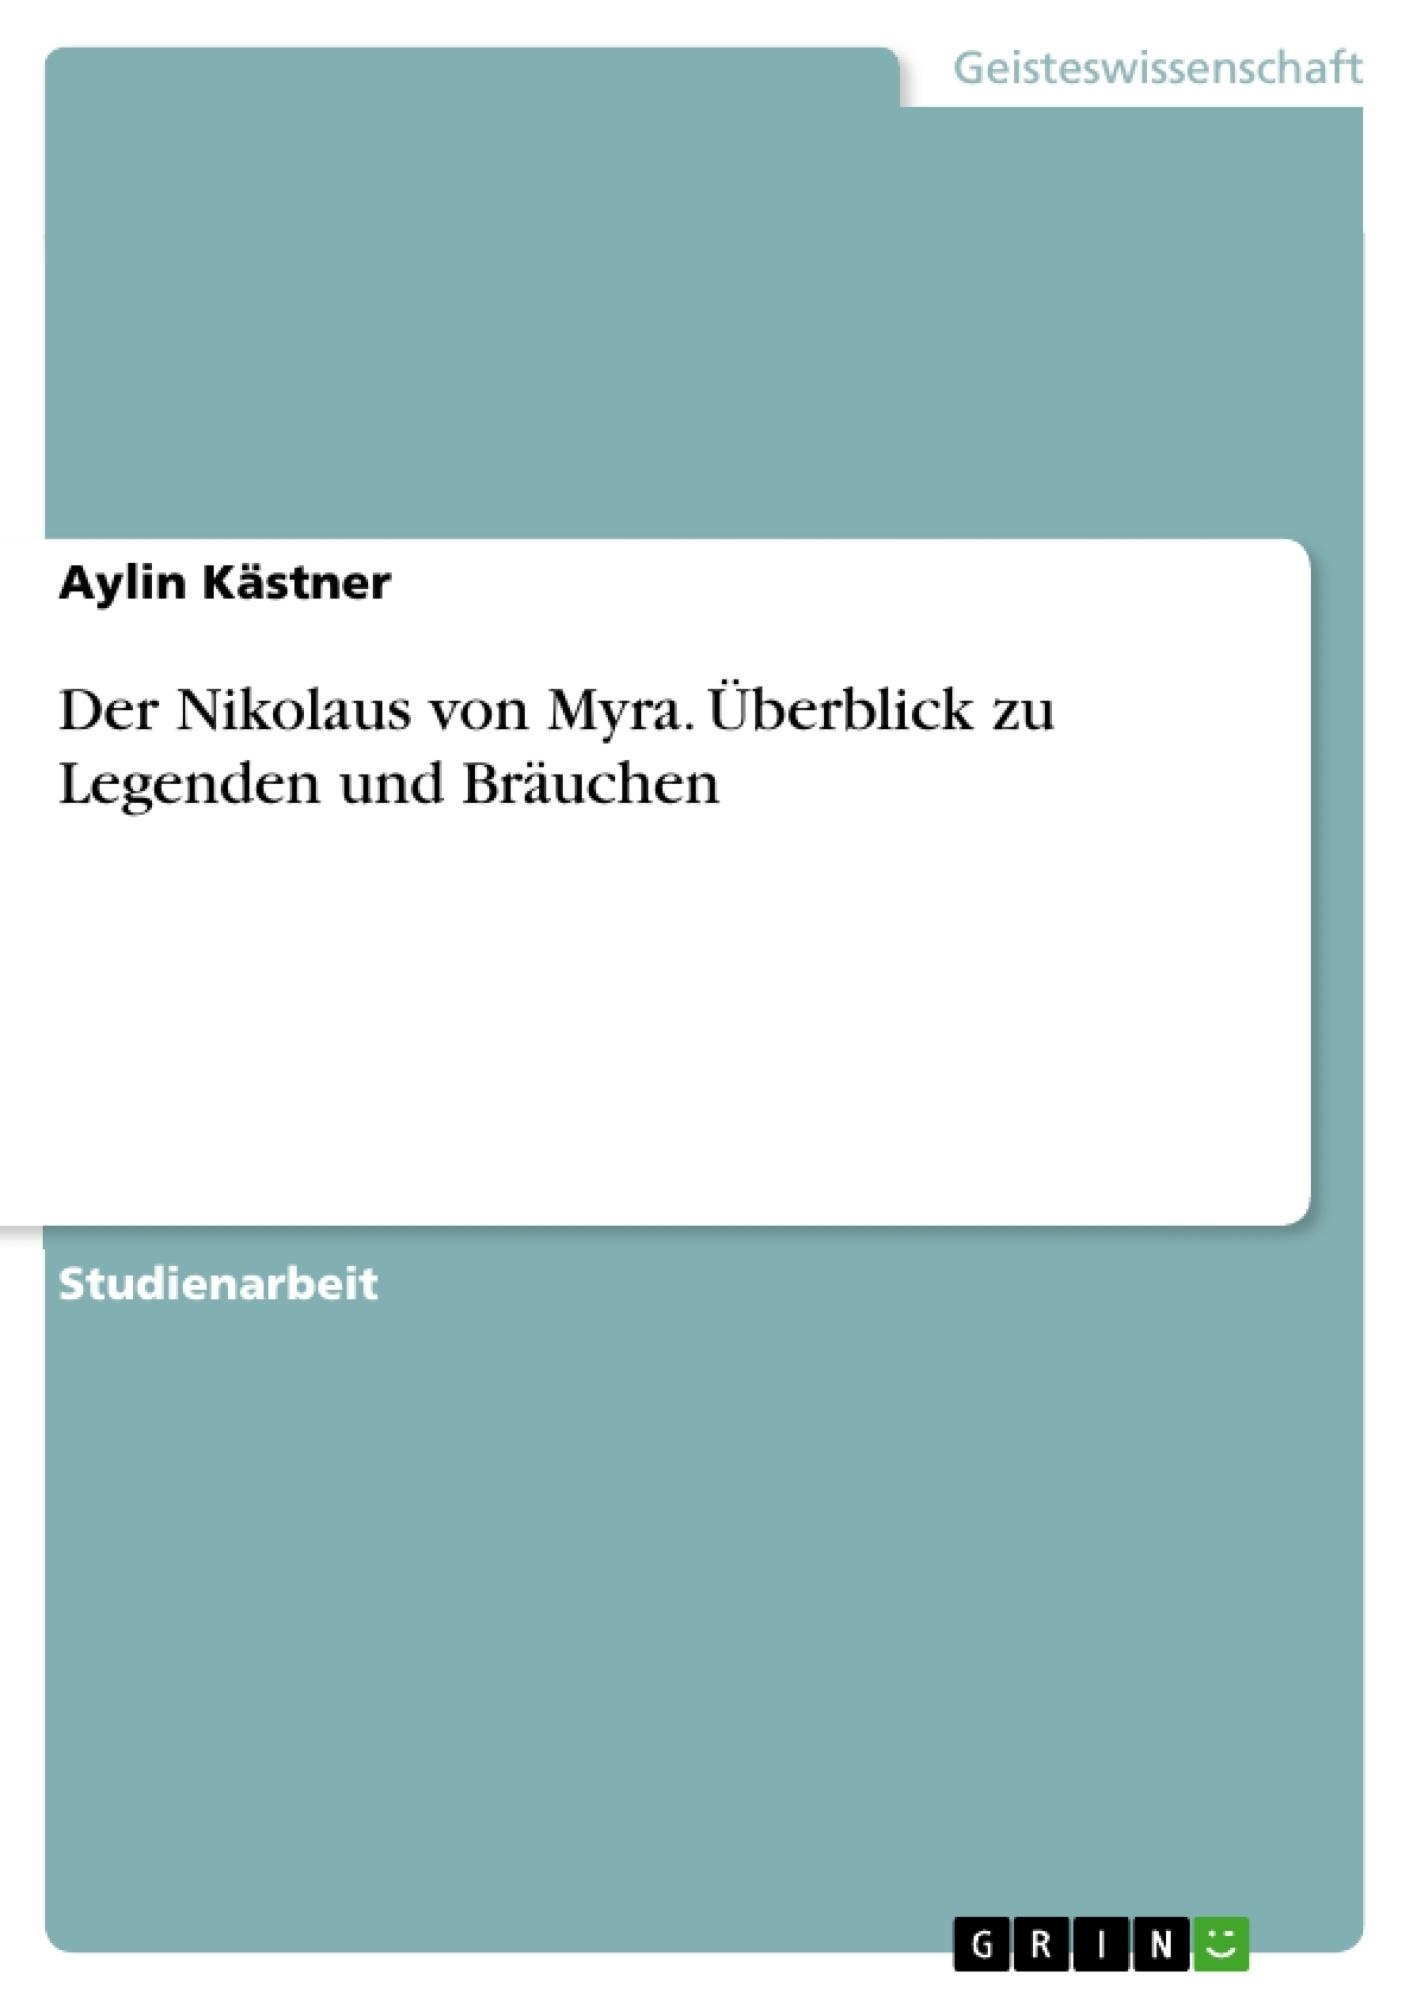 Titel: Der Nikolaus von Myra. Überblick zu Legenden und Bräuchen